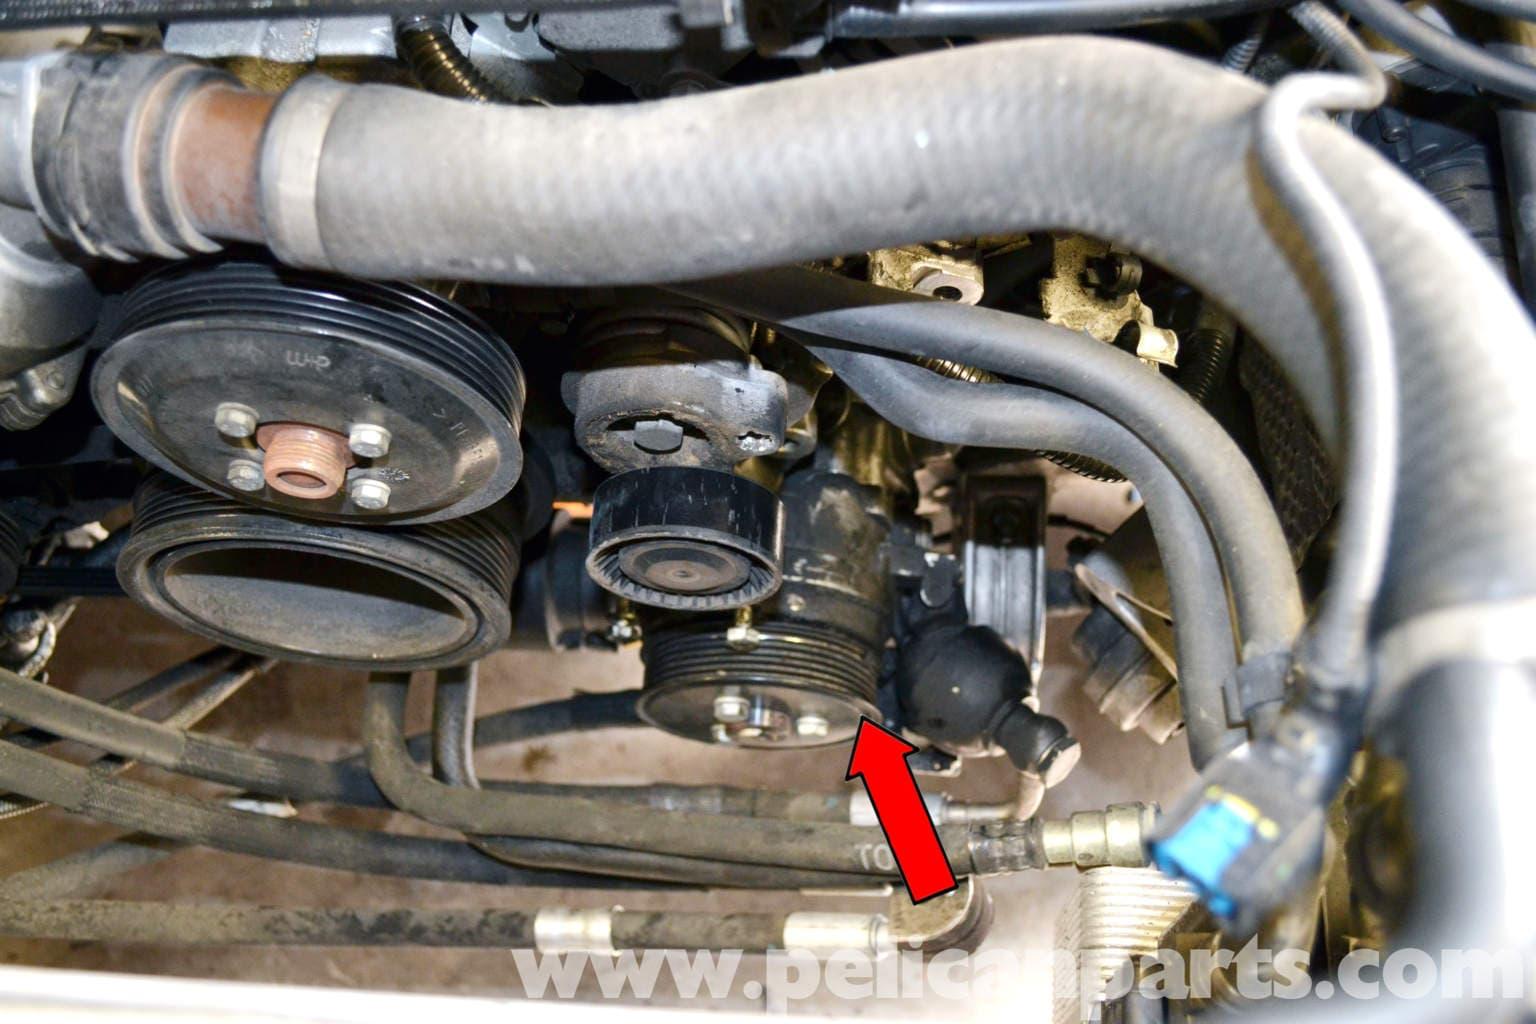 BMW The Infamous Alternator Bracket Oil Leak on the E65